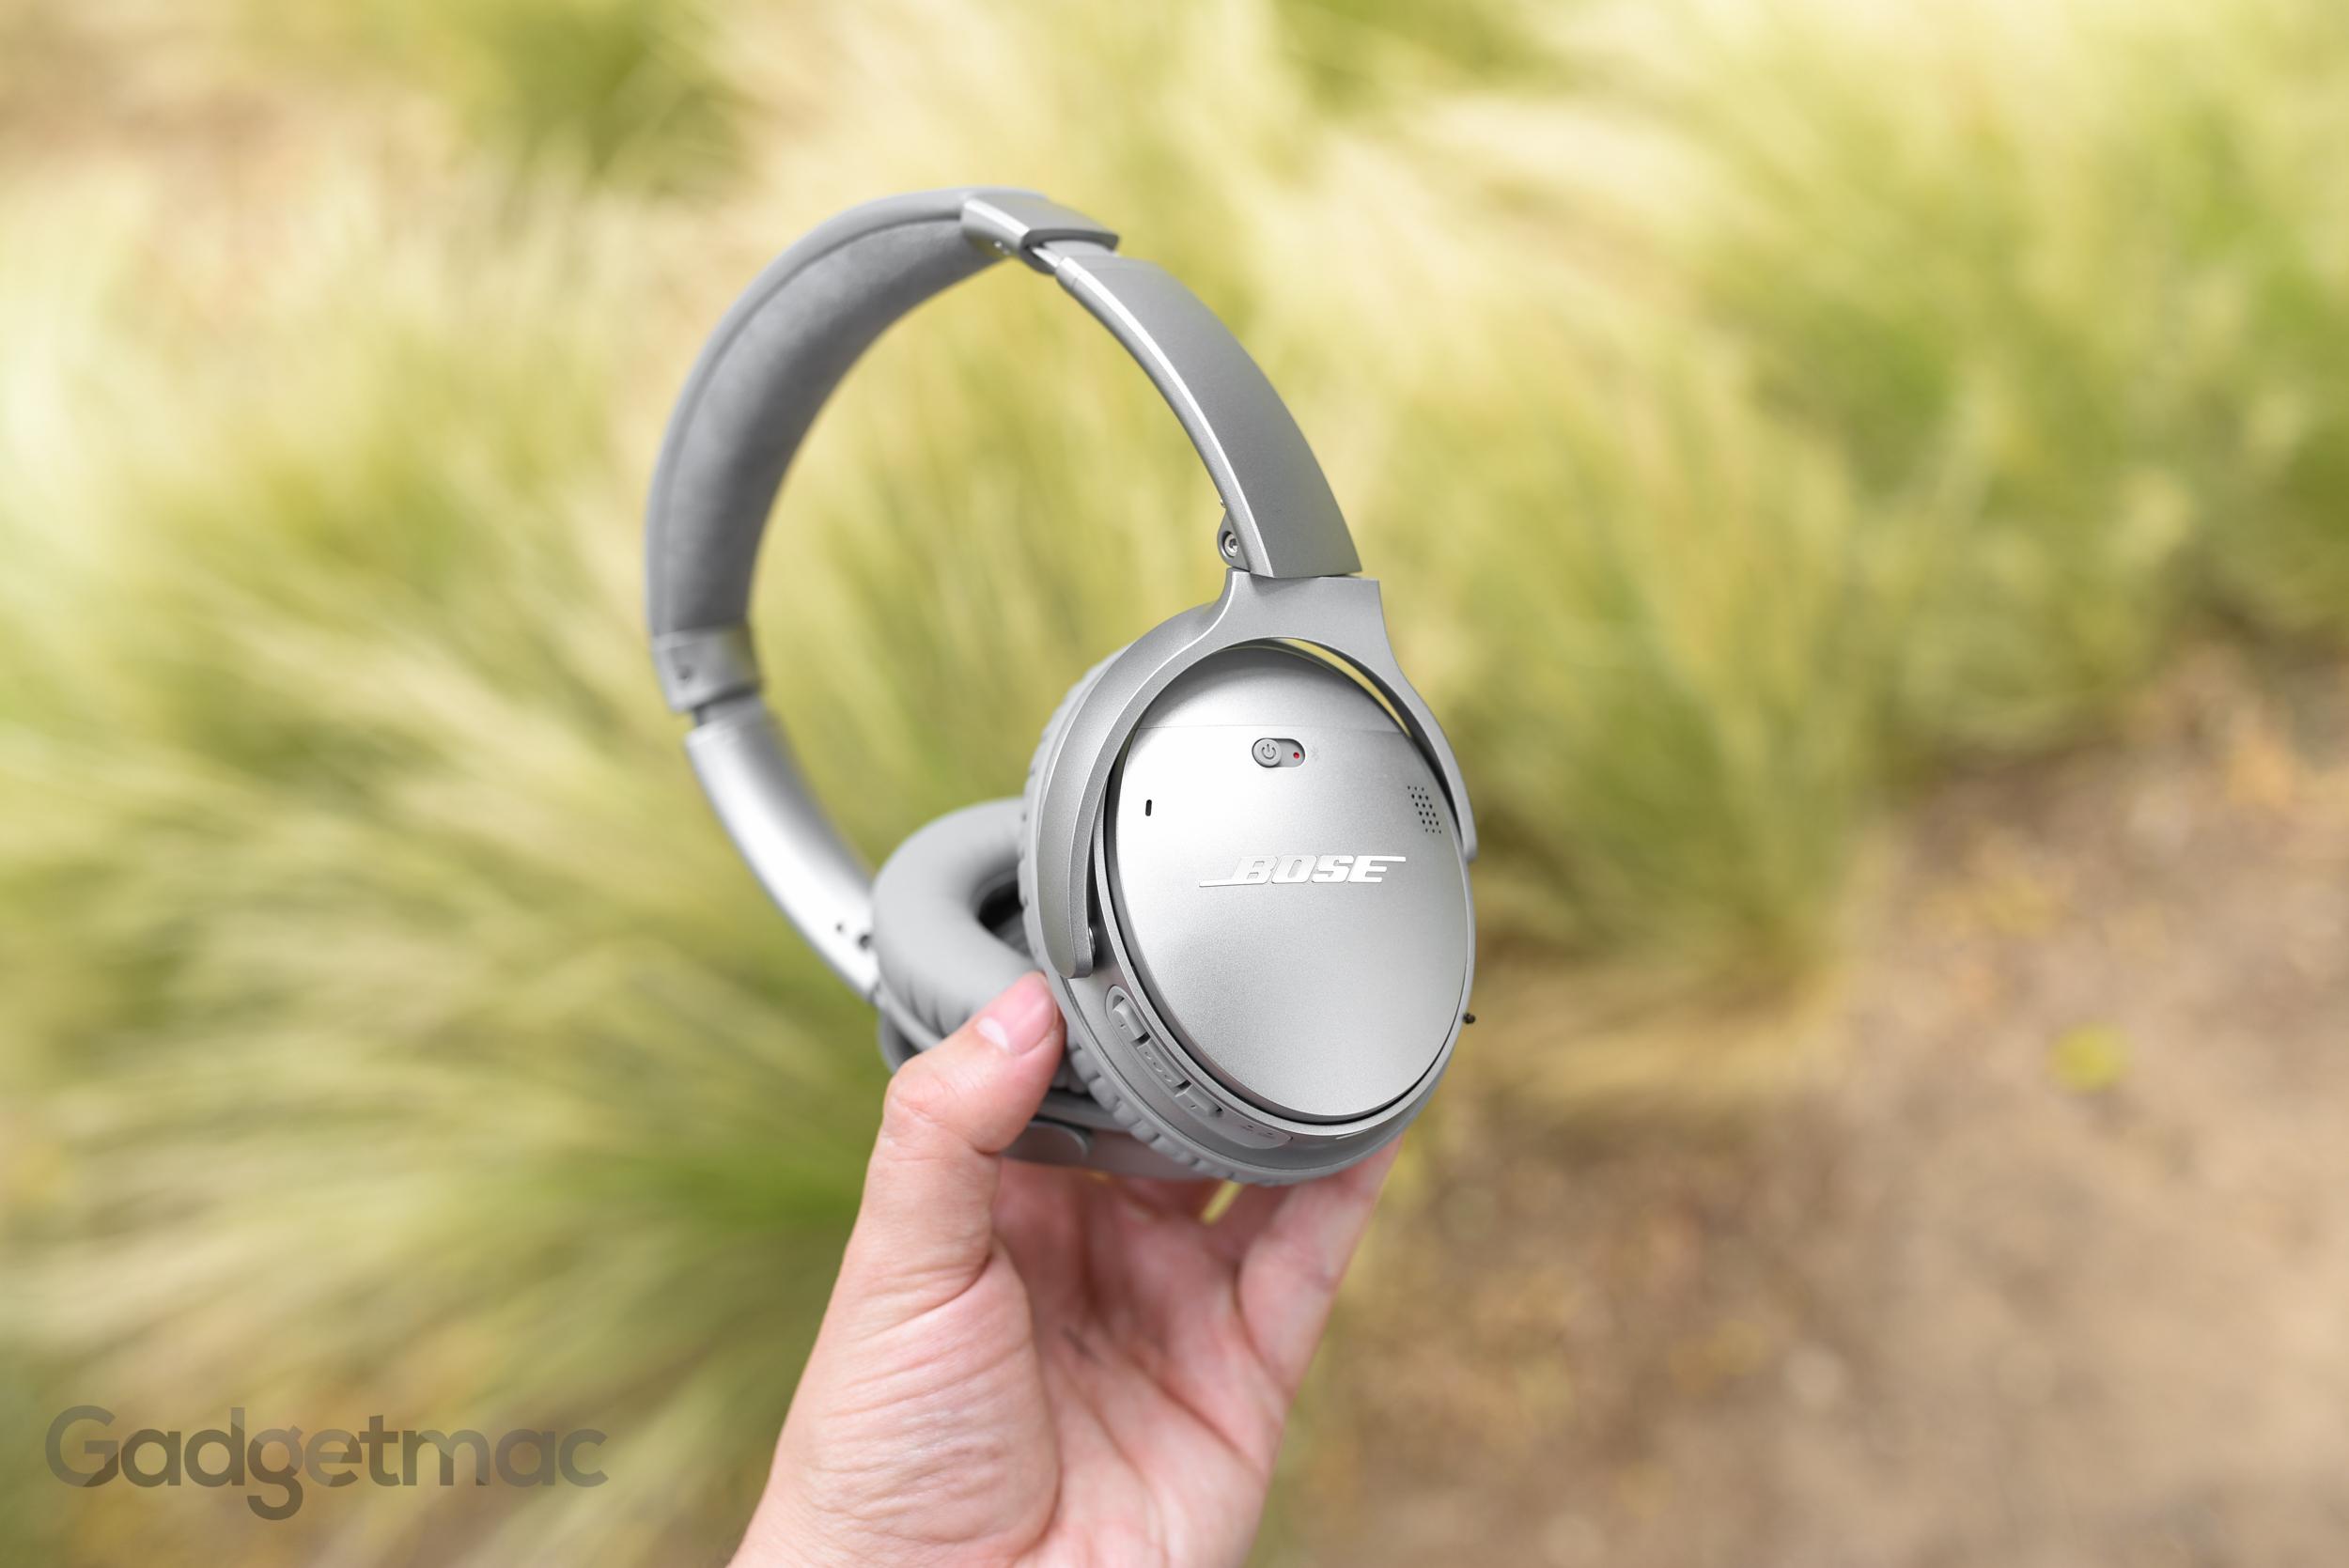 bose-quietcomfort-35-wireless-noise-canceling-headphones-2.jpg